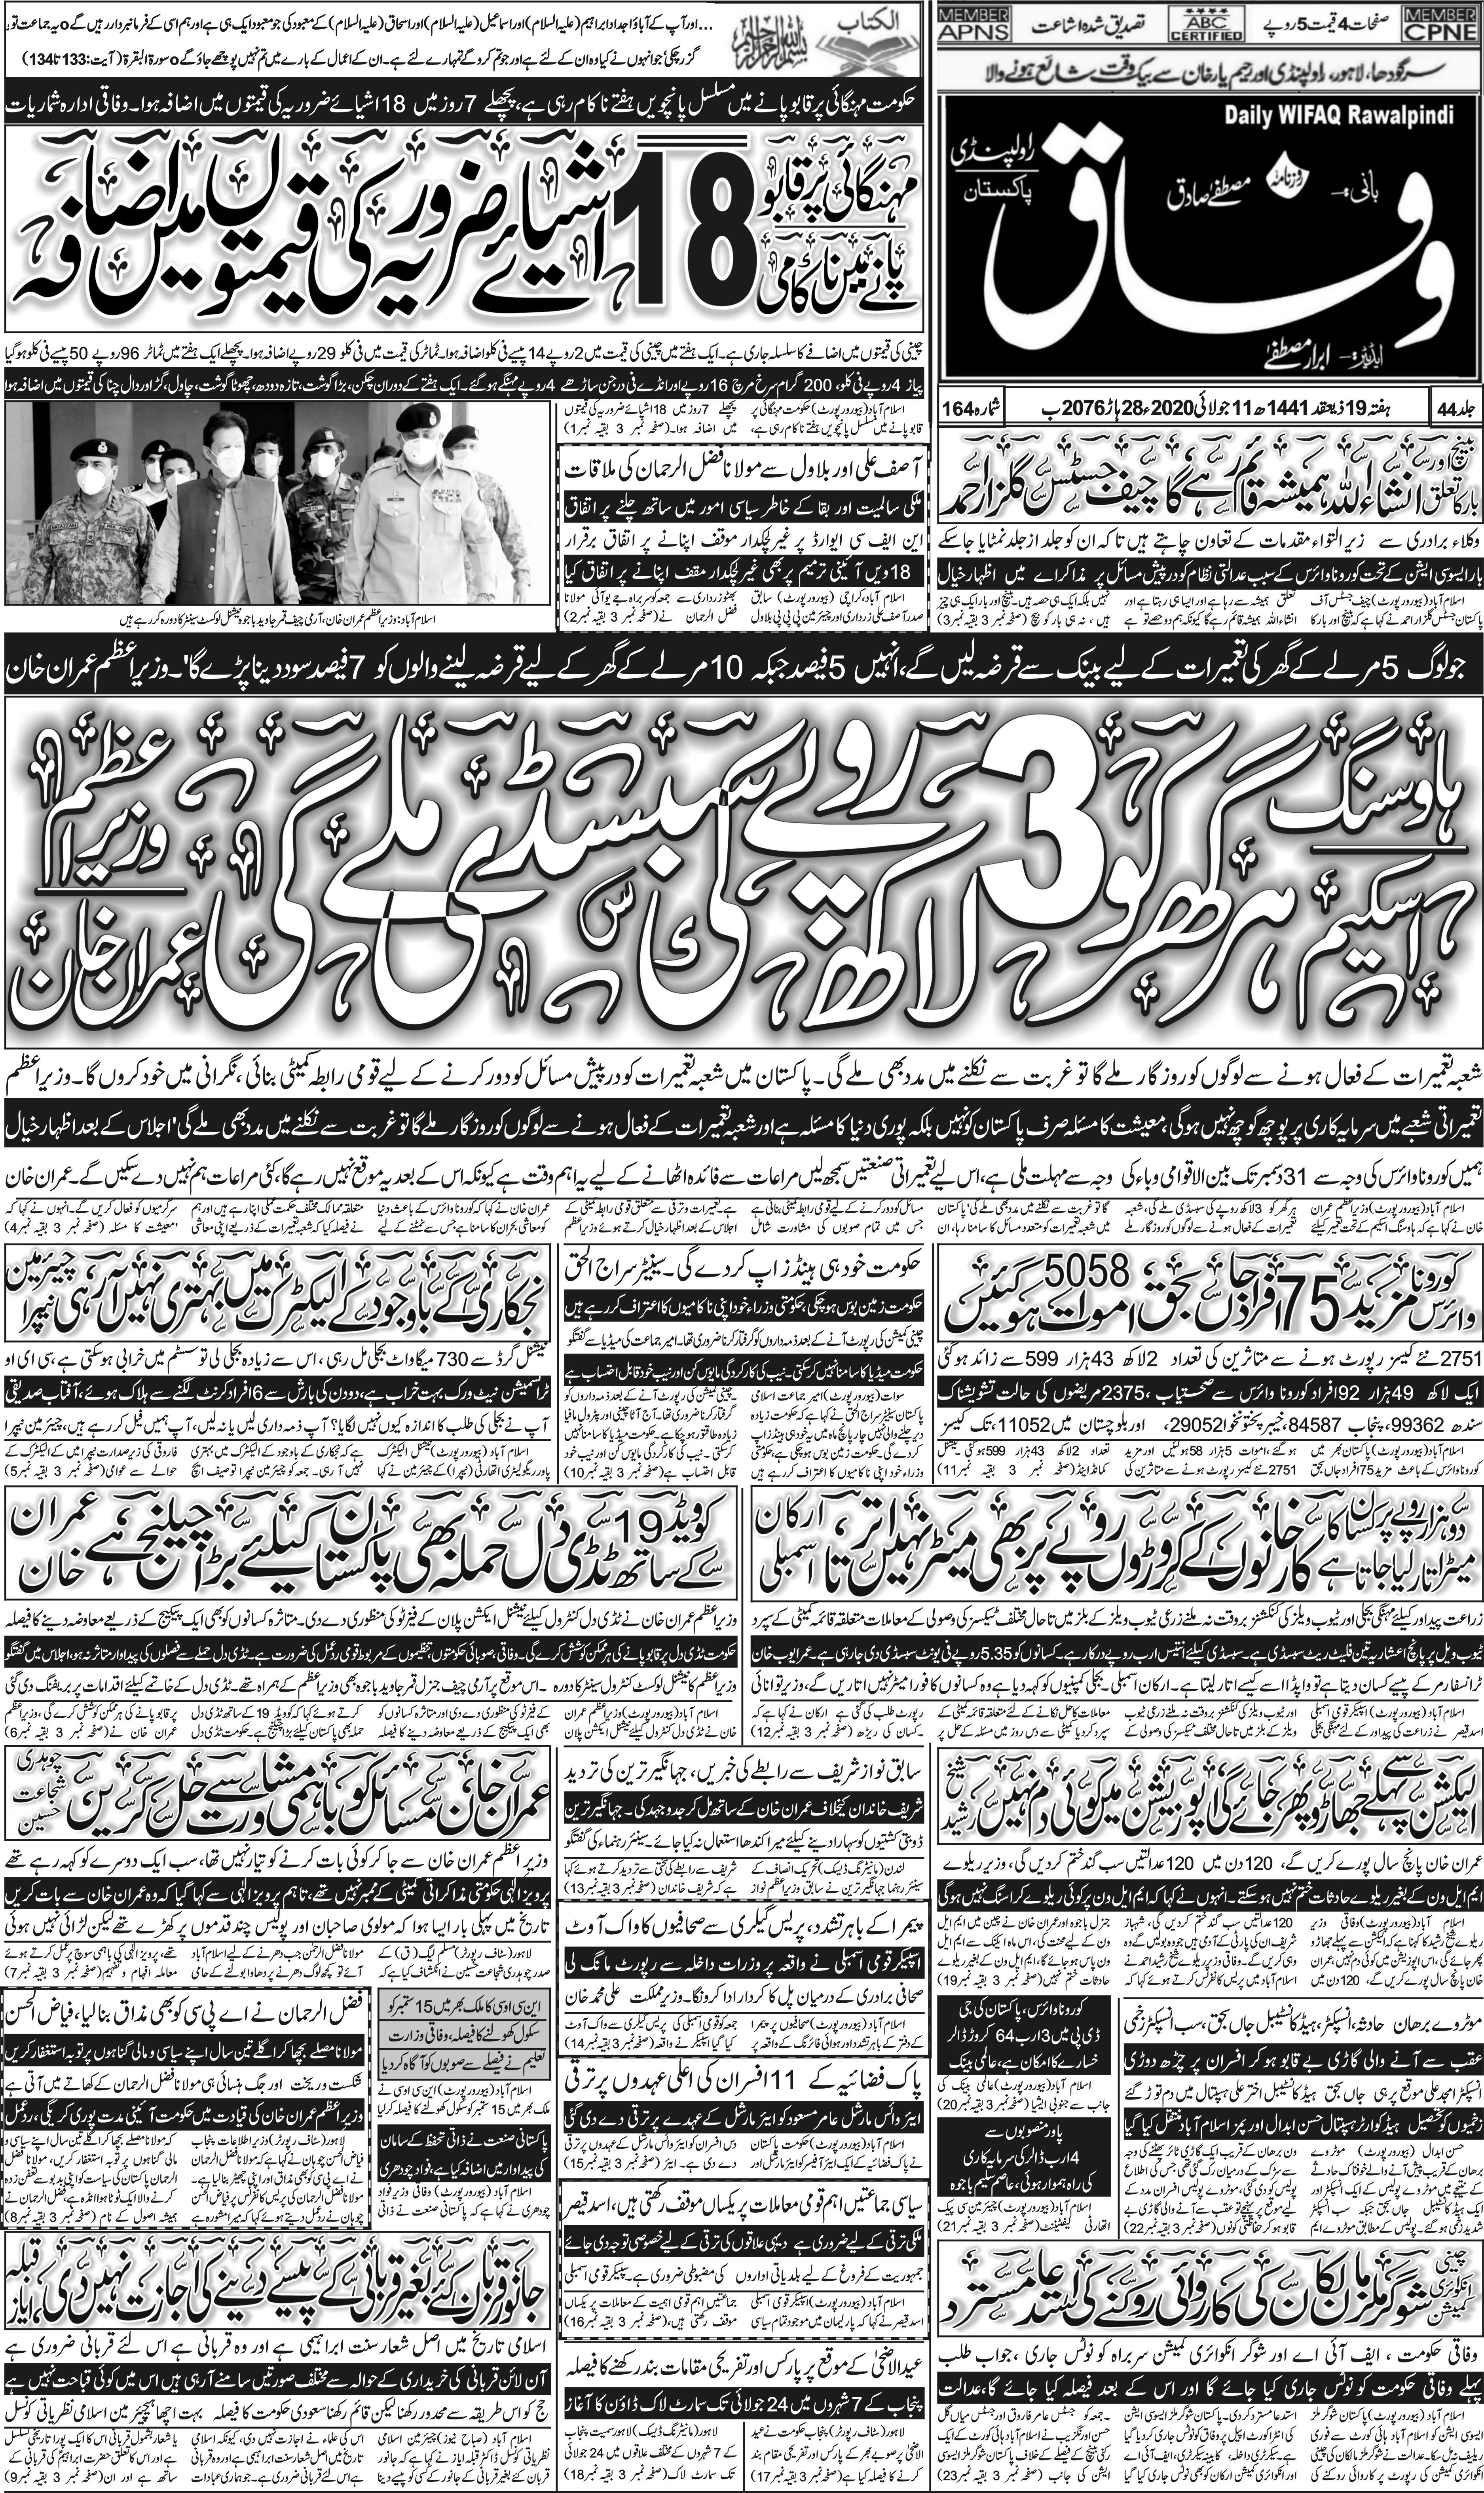 e-Paper – Daily Wifaq – Rawalpindi – 11-07-2020